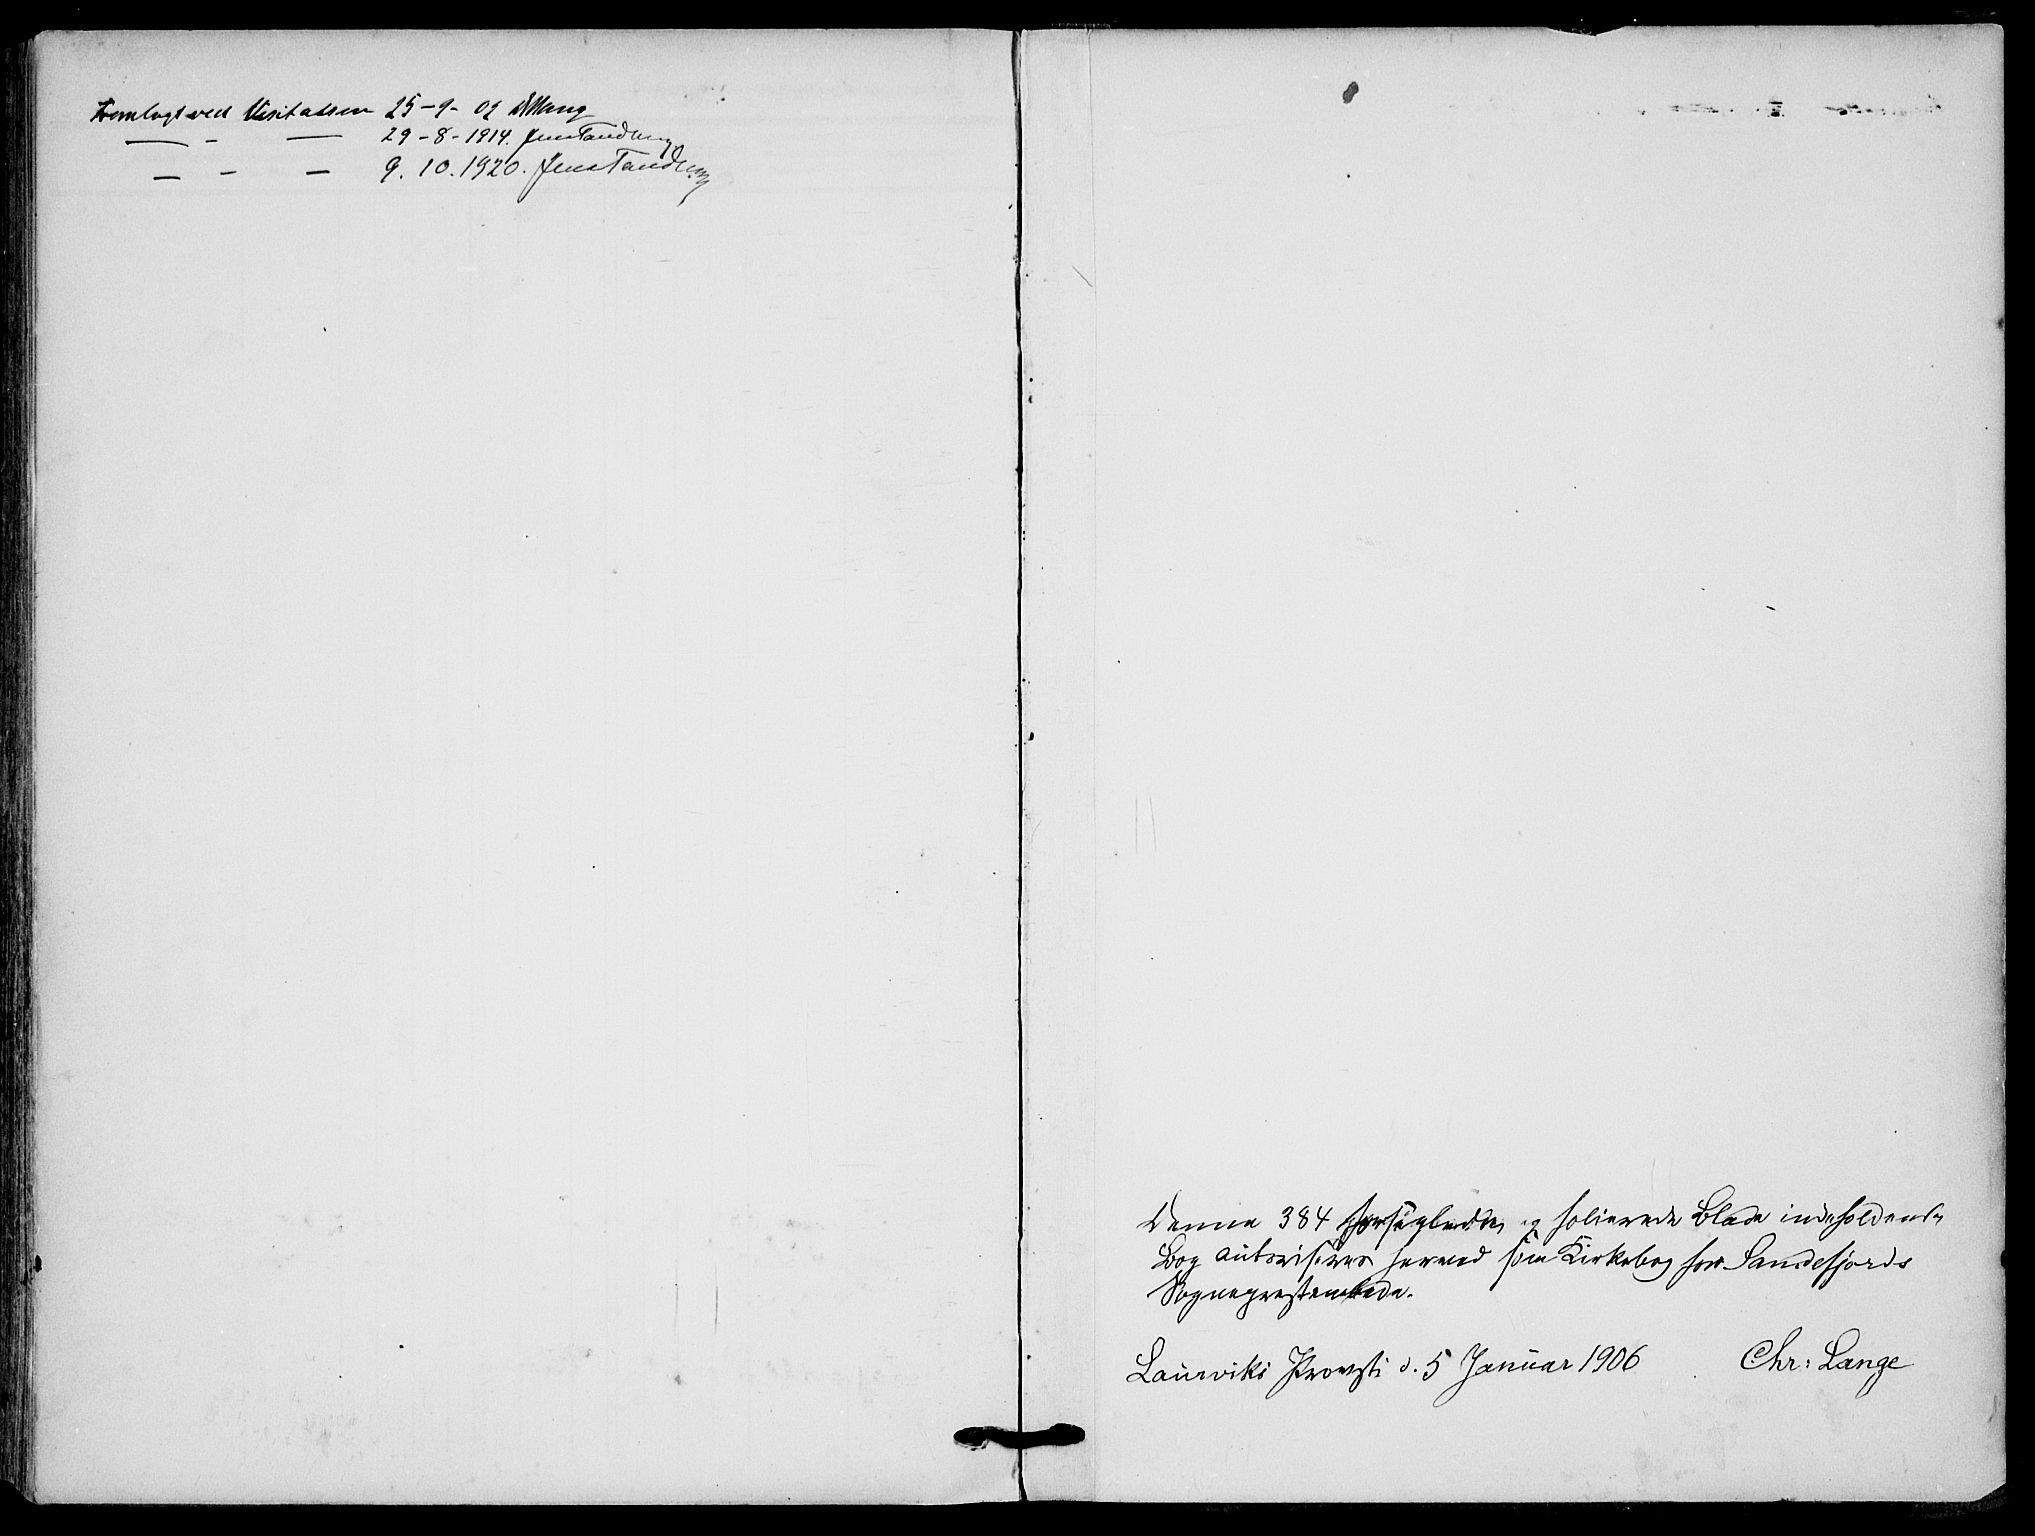 SAKO, Sandefjord kirkebøker, F/Fa/L0005: Ministerialbok nr. 5, 1906-1915